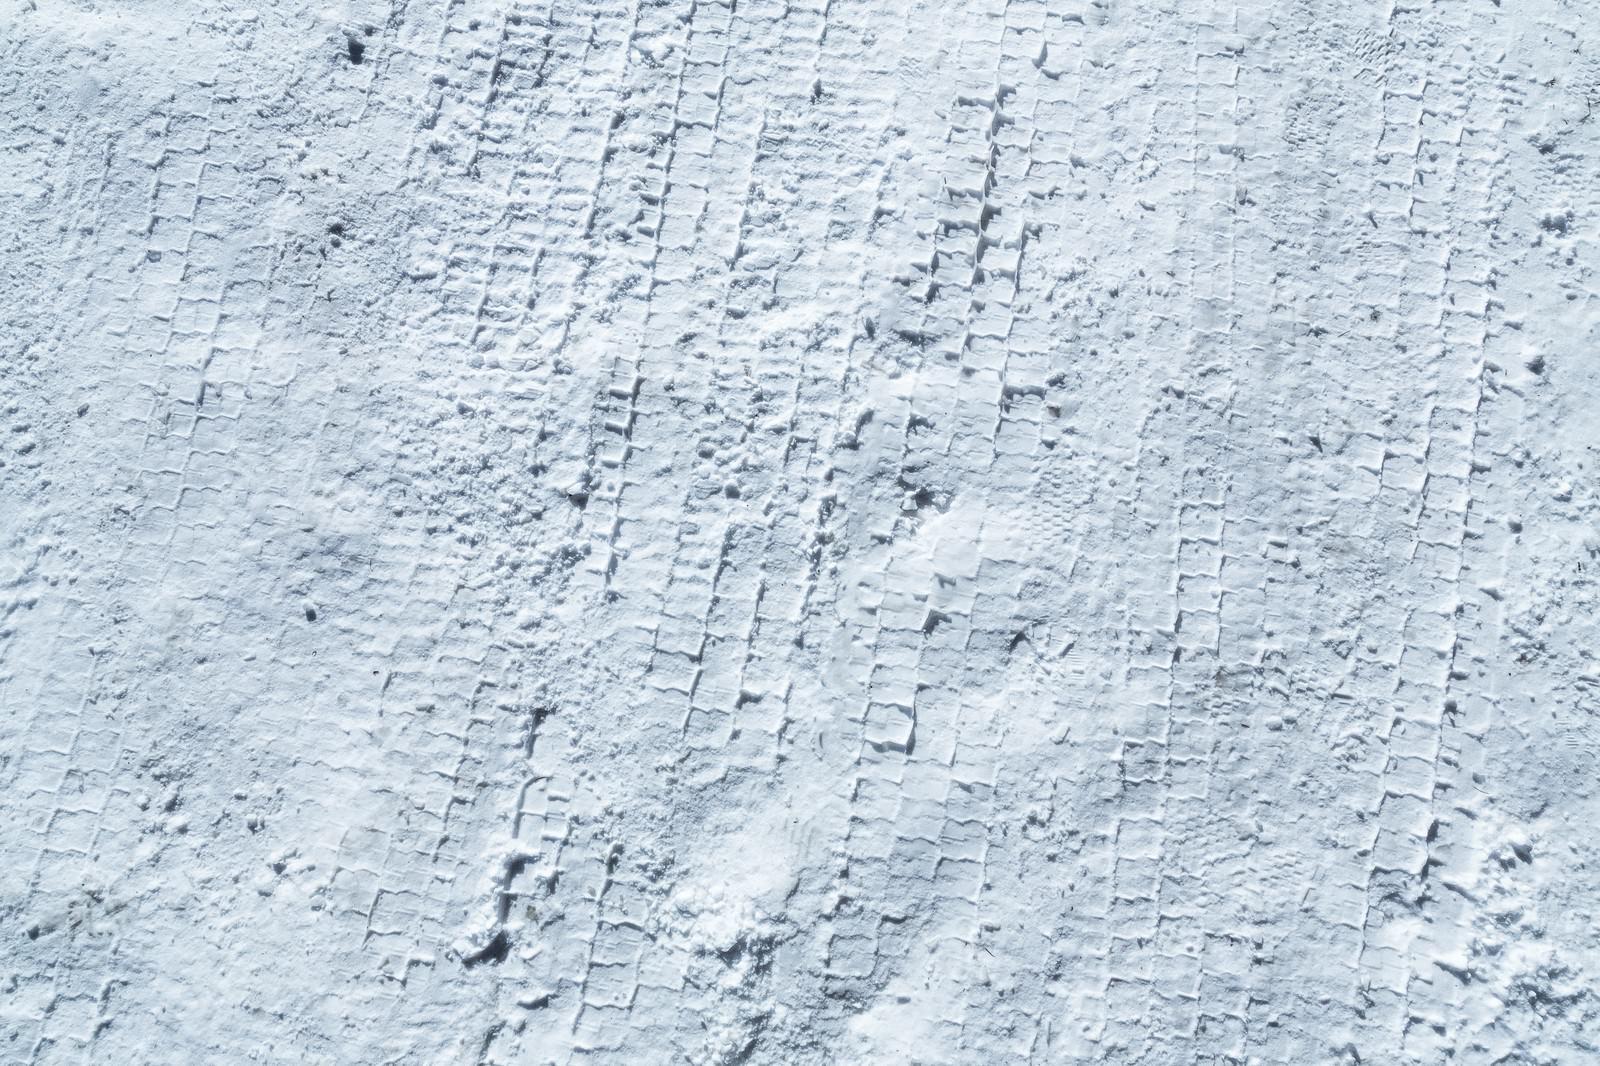 「雪のタイヤ痕」の写真